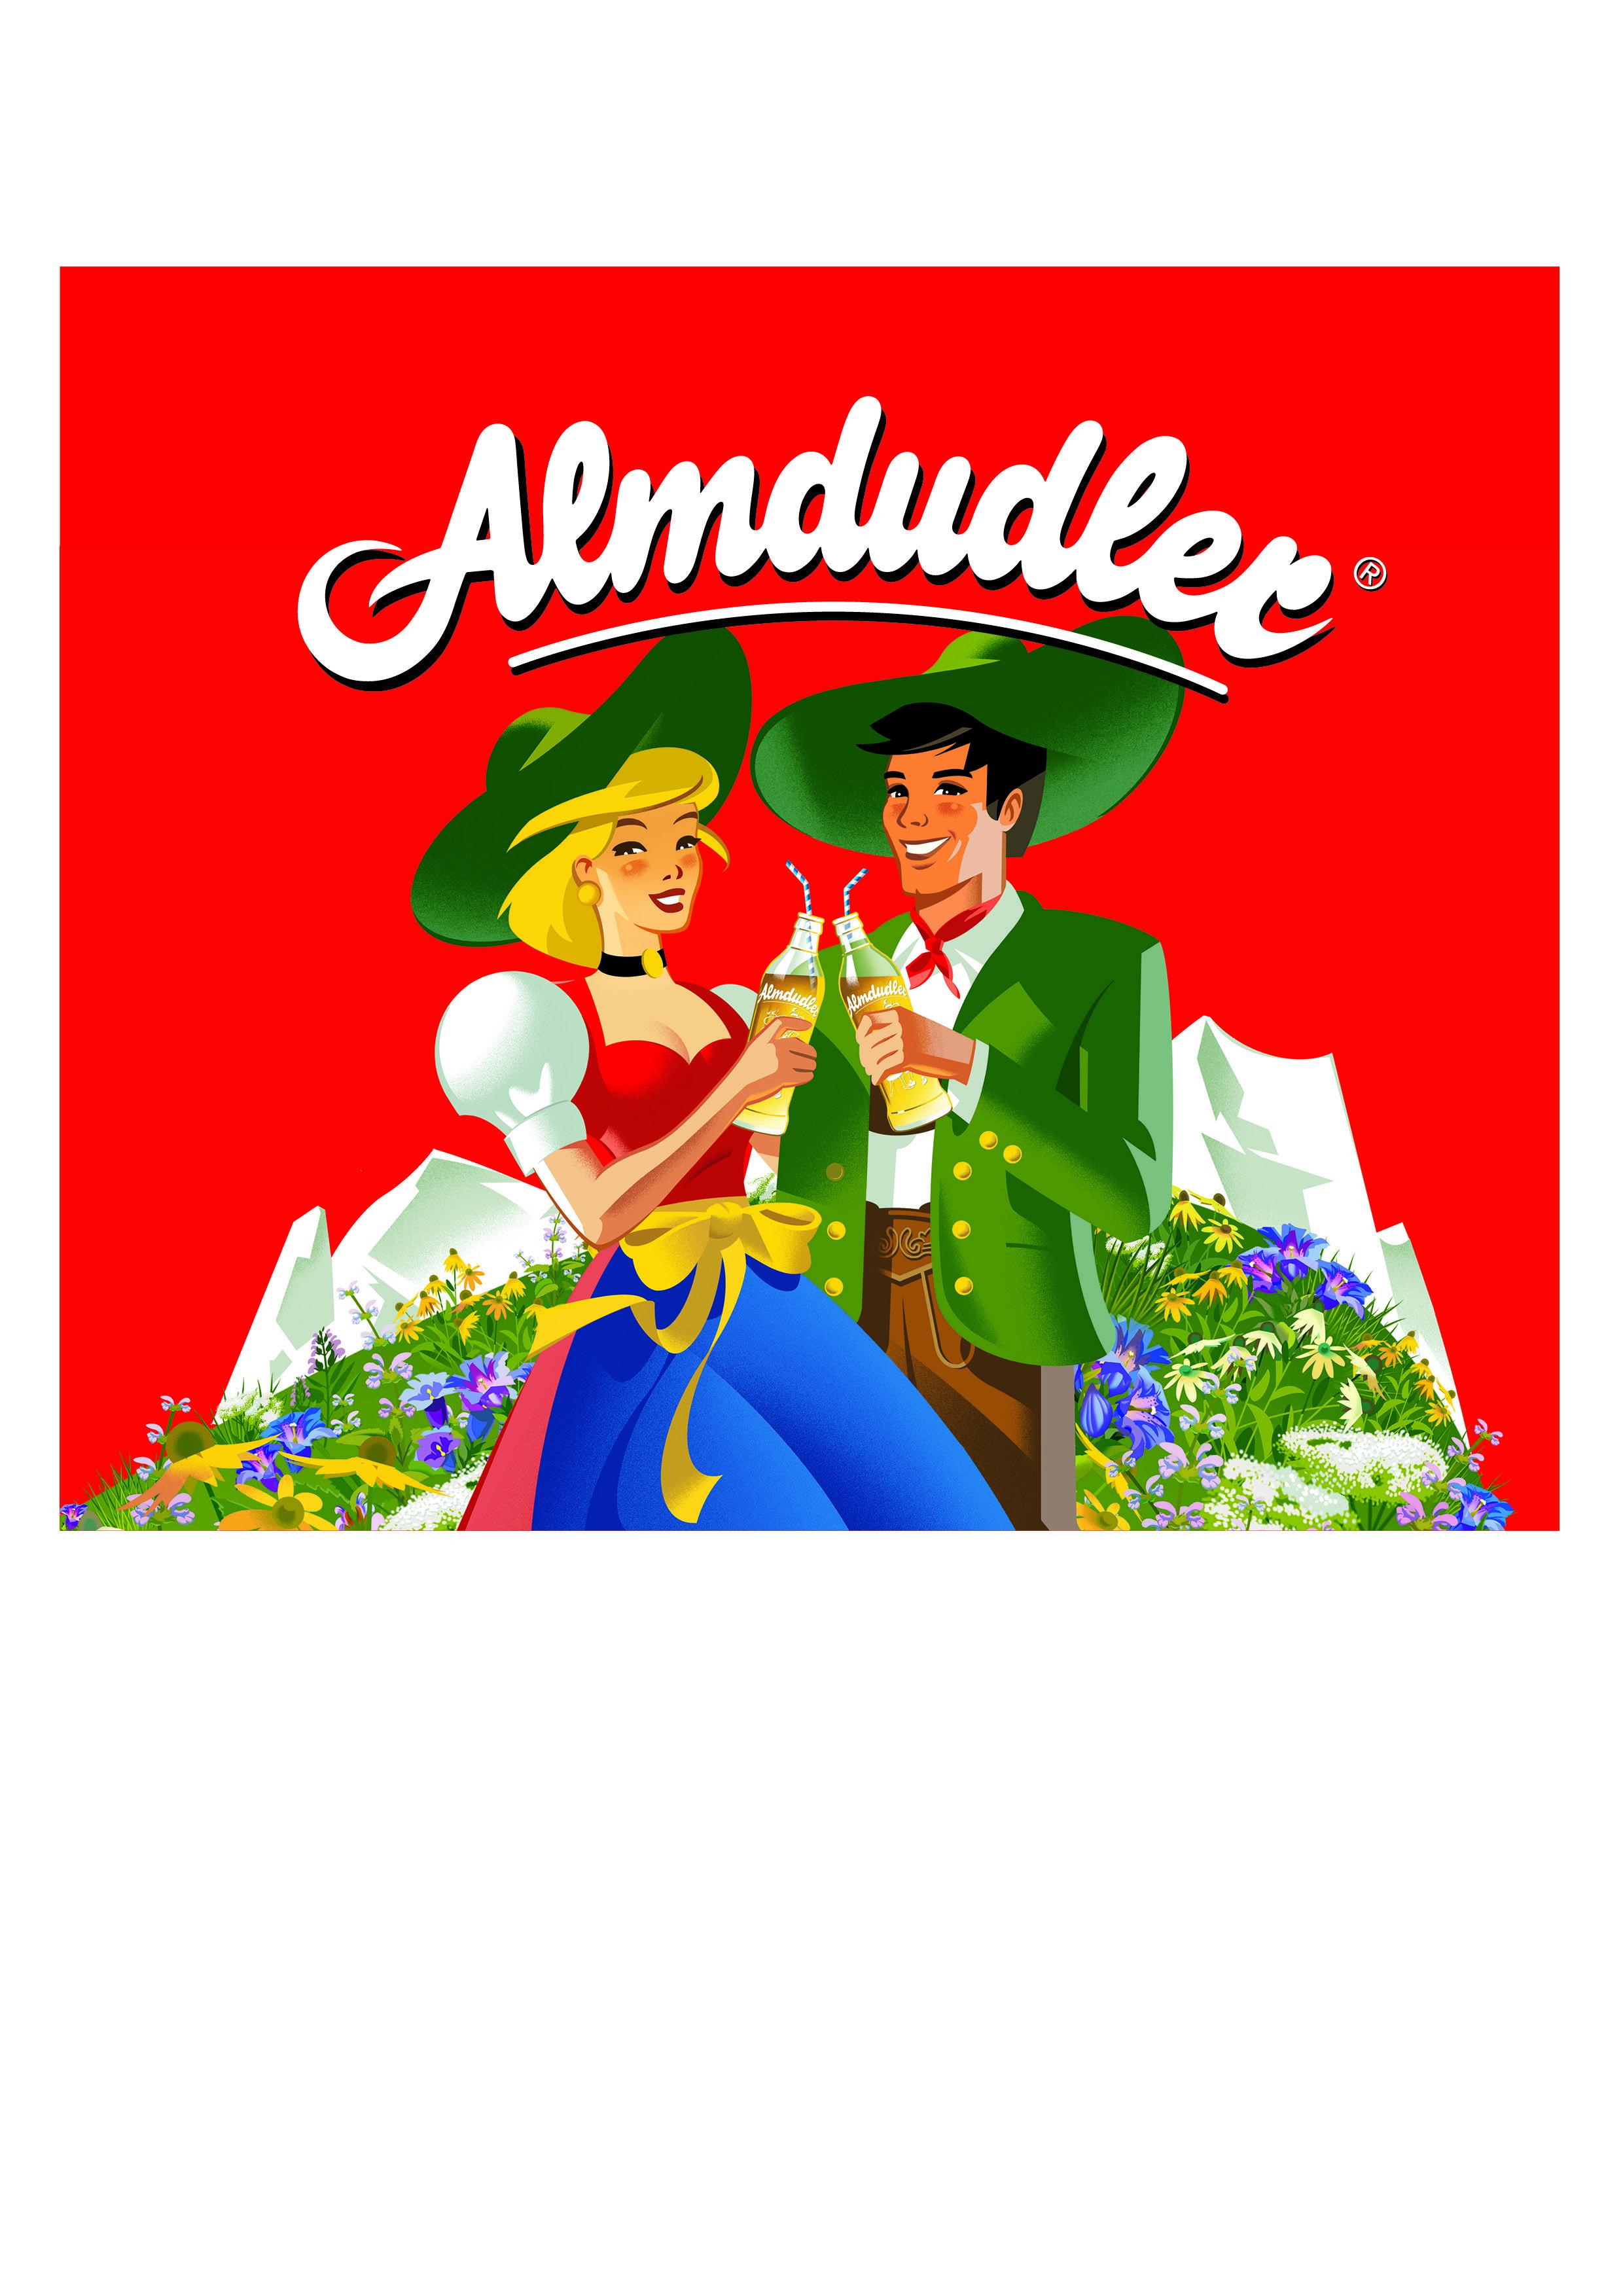 Almdudler Love The Drink Love The Dirndl Lederhosen Logo Http Dirndl Temptation Austria Info 2012 08 22 Almdudler Alm Tirol Osterreich